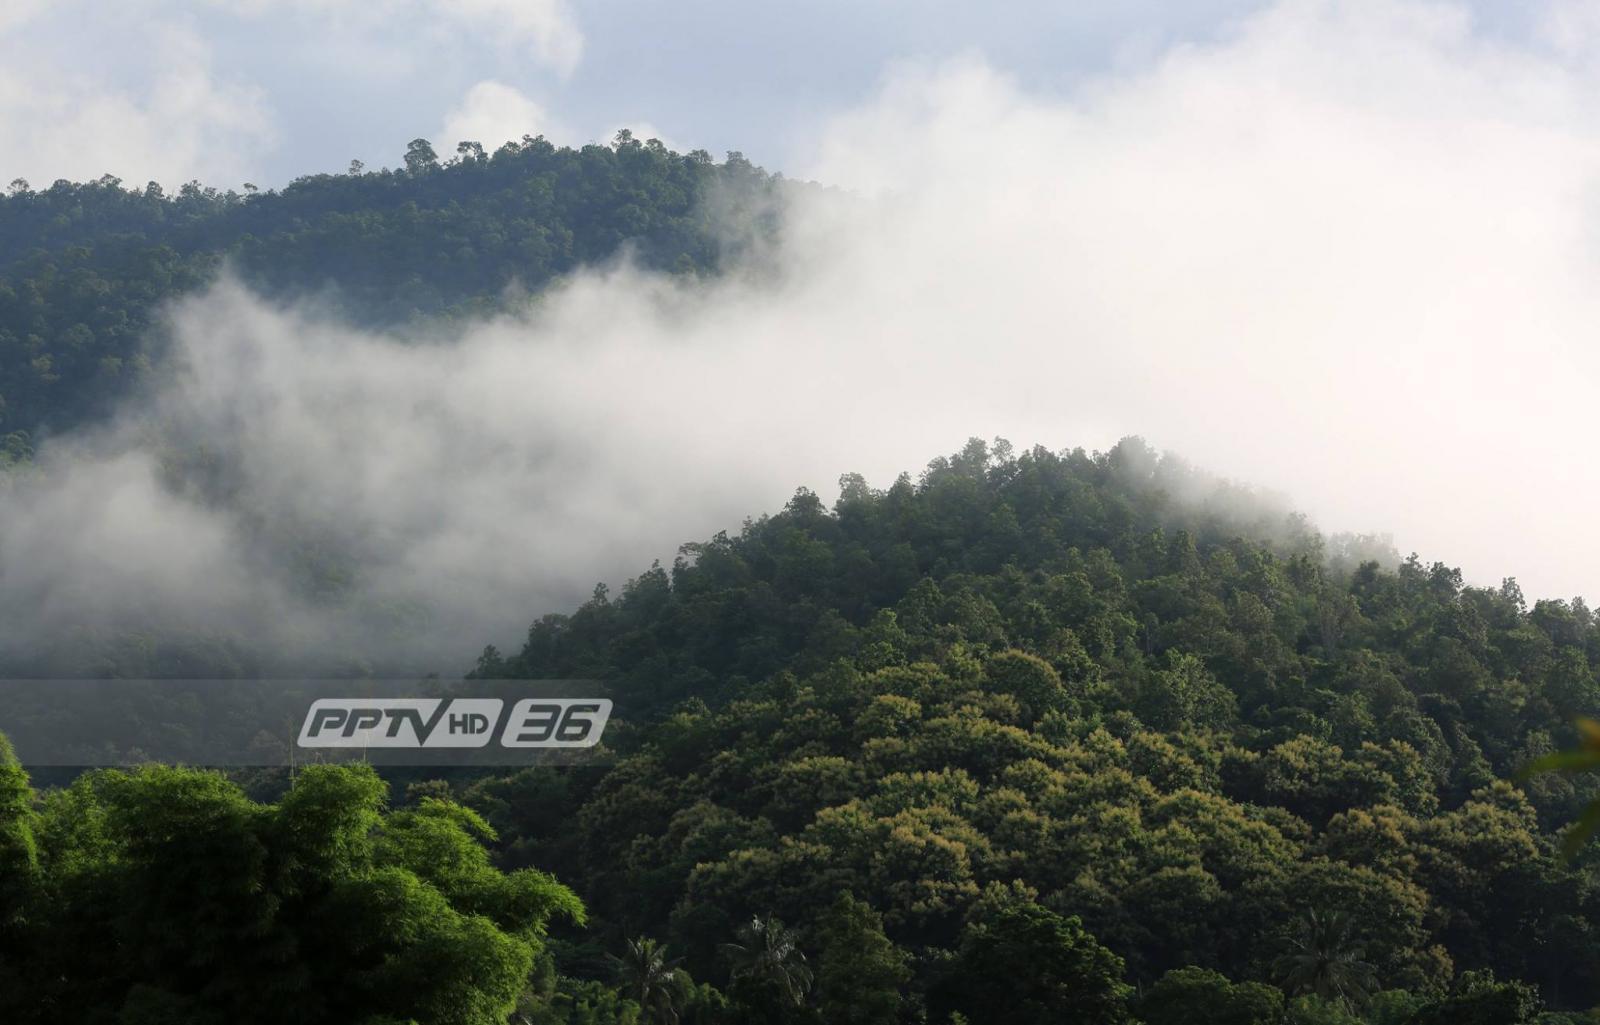 กรมอุตุเผย อีสาน-กลางมีฝนฟ้าคะนองมีลมกระโชกแรงบางแห่ง